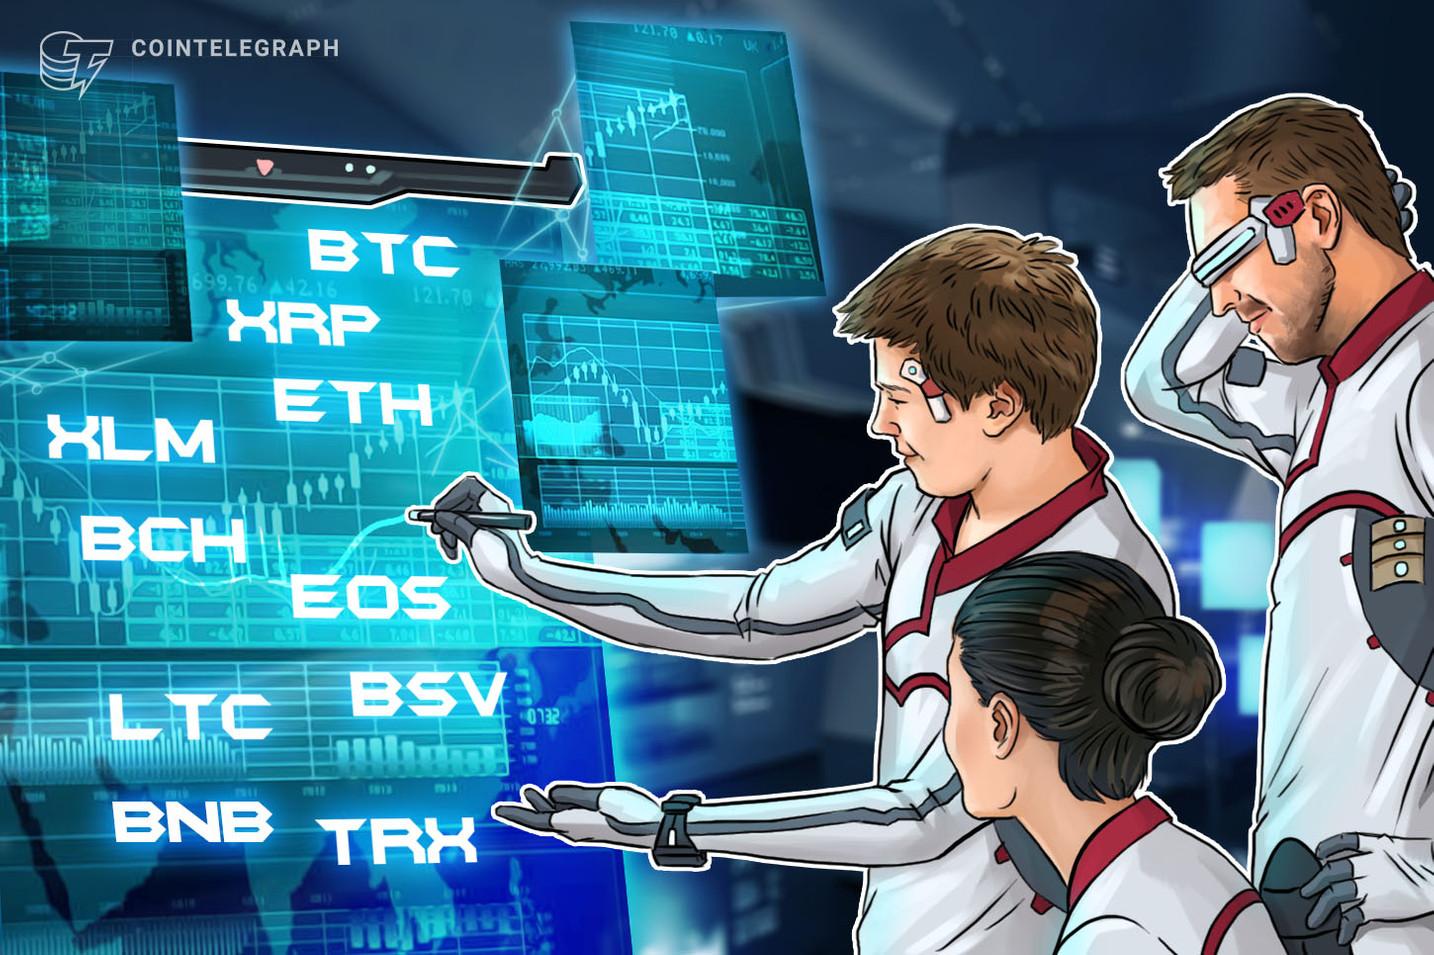 弱気相場脱出の条件 仮想通貨ビットコイン・イーサ・リップル(XRP)のテクニカル分析【価格予想】